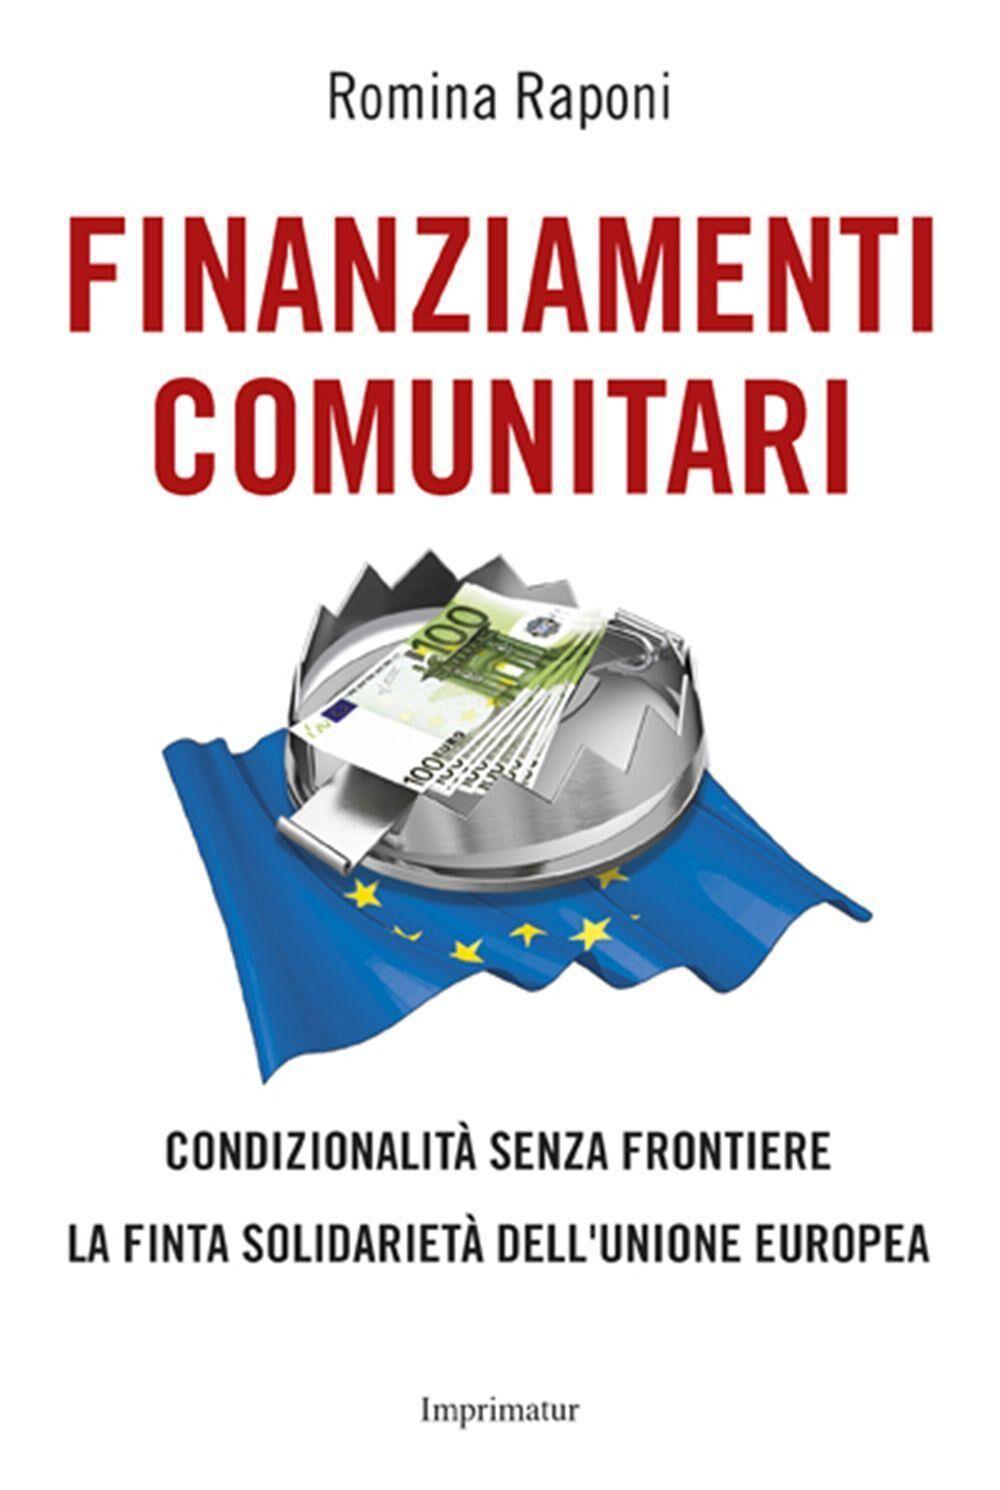 Finanziamenti comunitari condizionalità senza frontiere. La finta solidarietà dell'Unione Europea